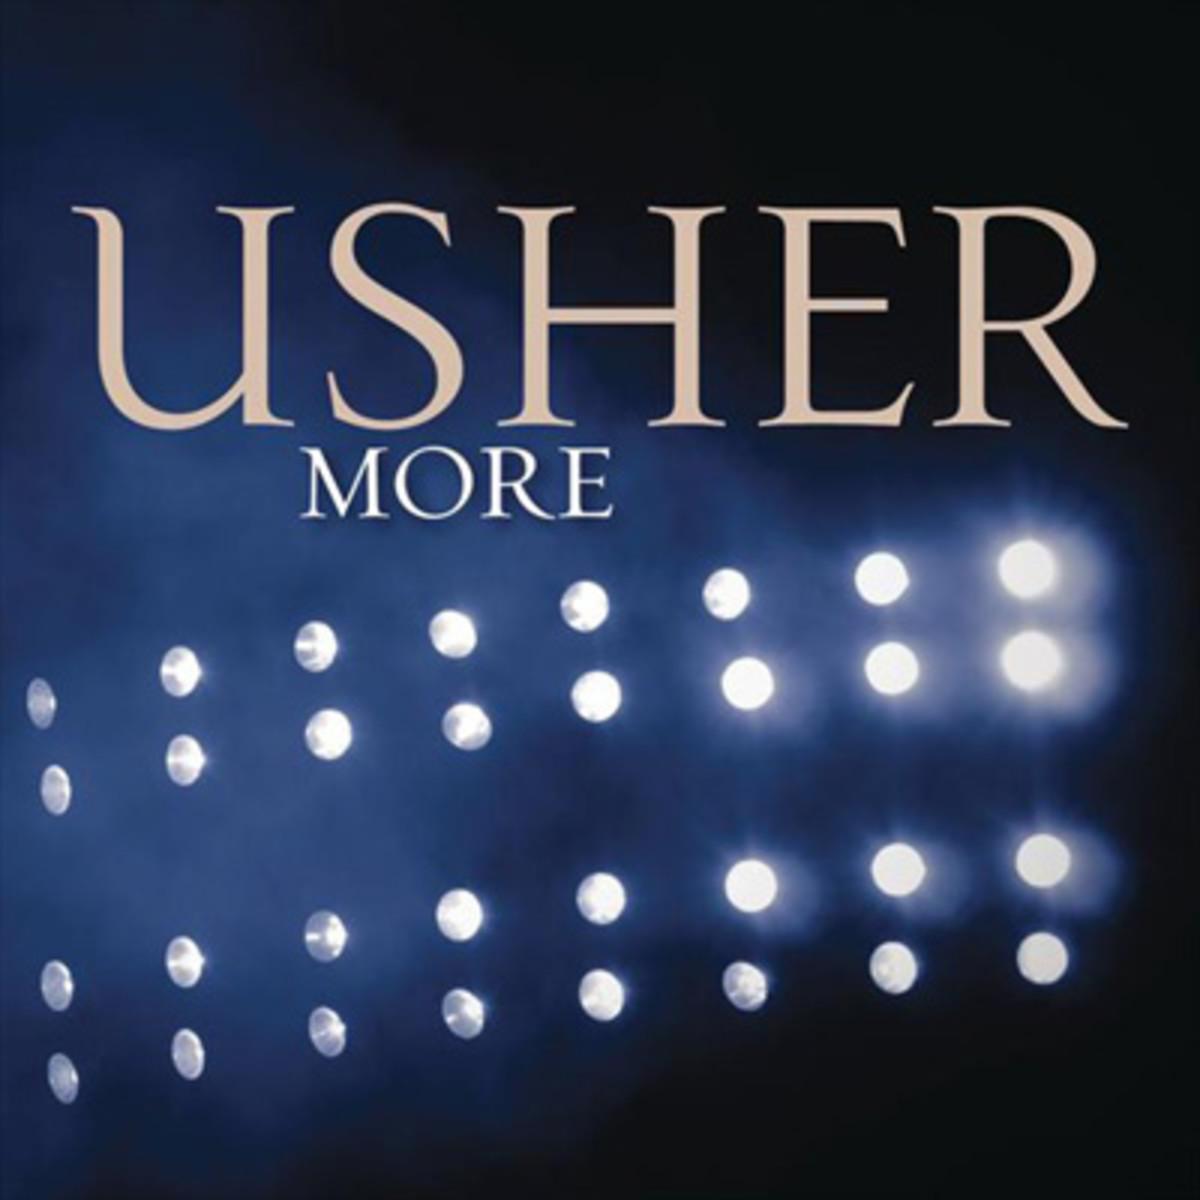 usher-more.jpg